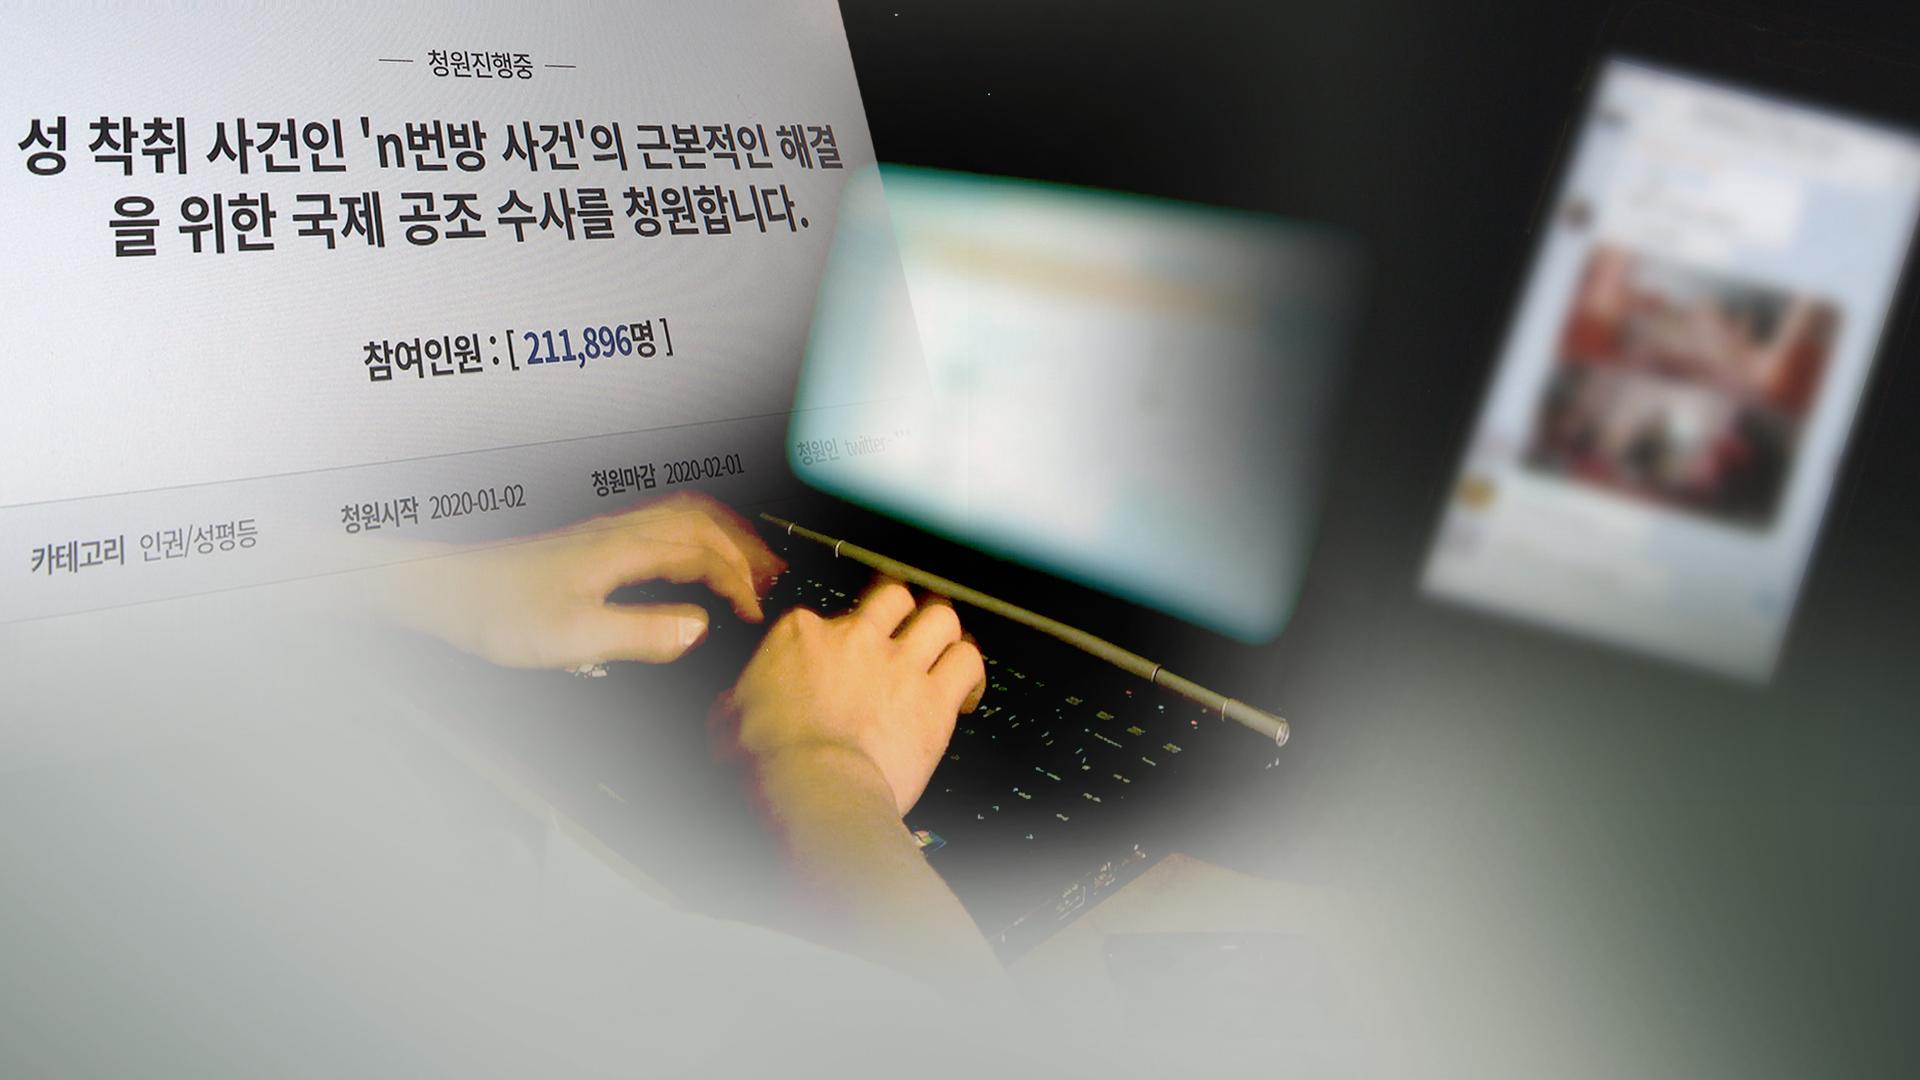 성 착취물 공유한 이른바 'n번방'